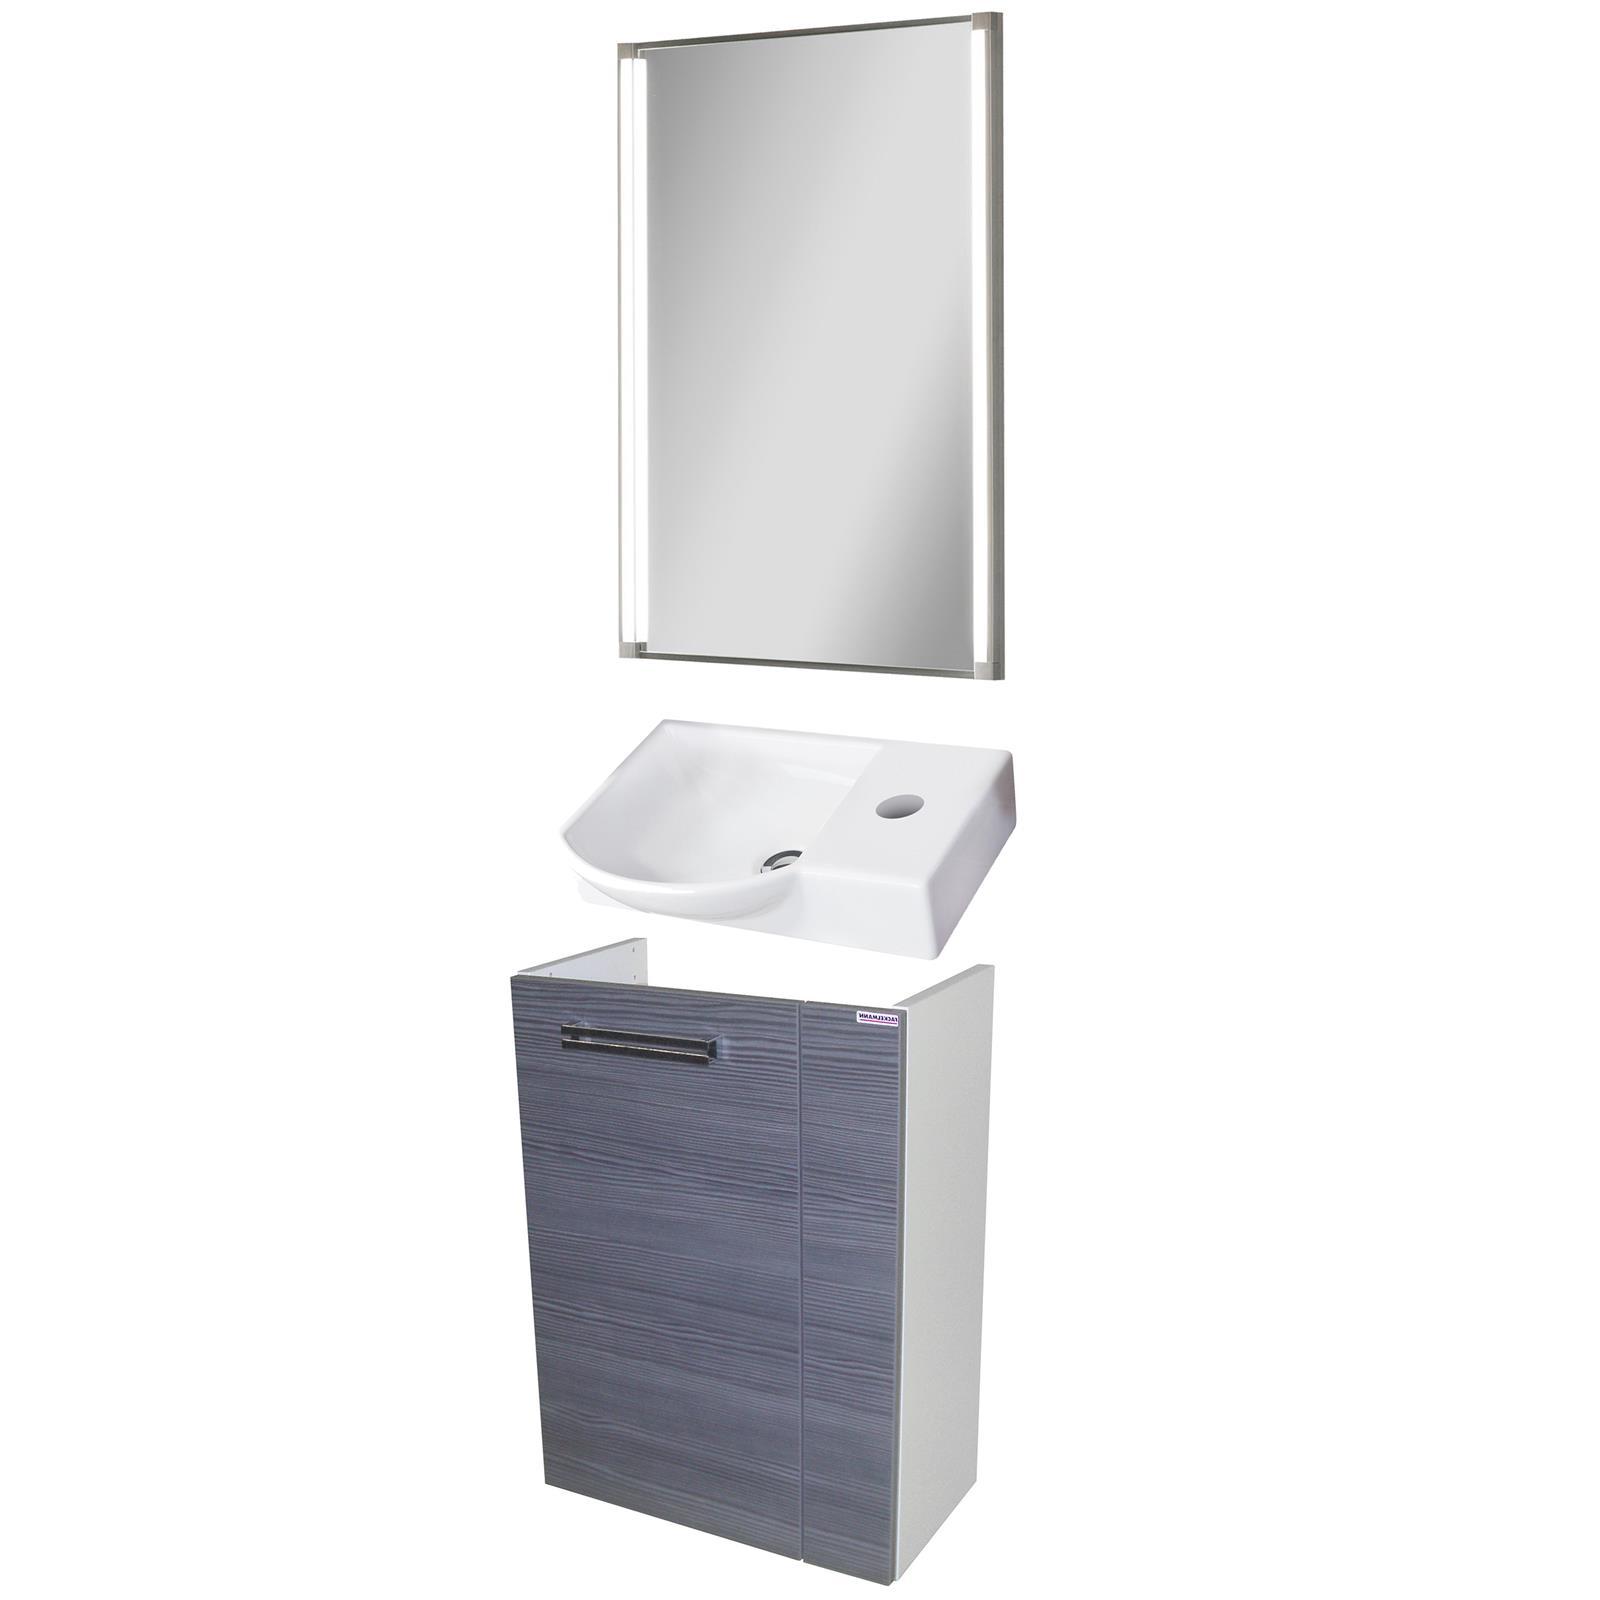 fackelmann badm bel set como g ste wc 3 tlg 45 cm anthrazit led spiegelelement mm comsale. Black Bedroom Furniture Sets. Home Design Ideas